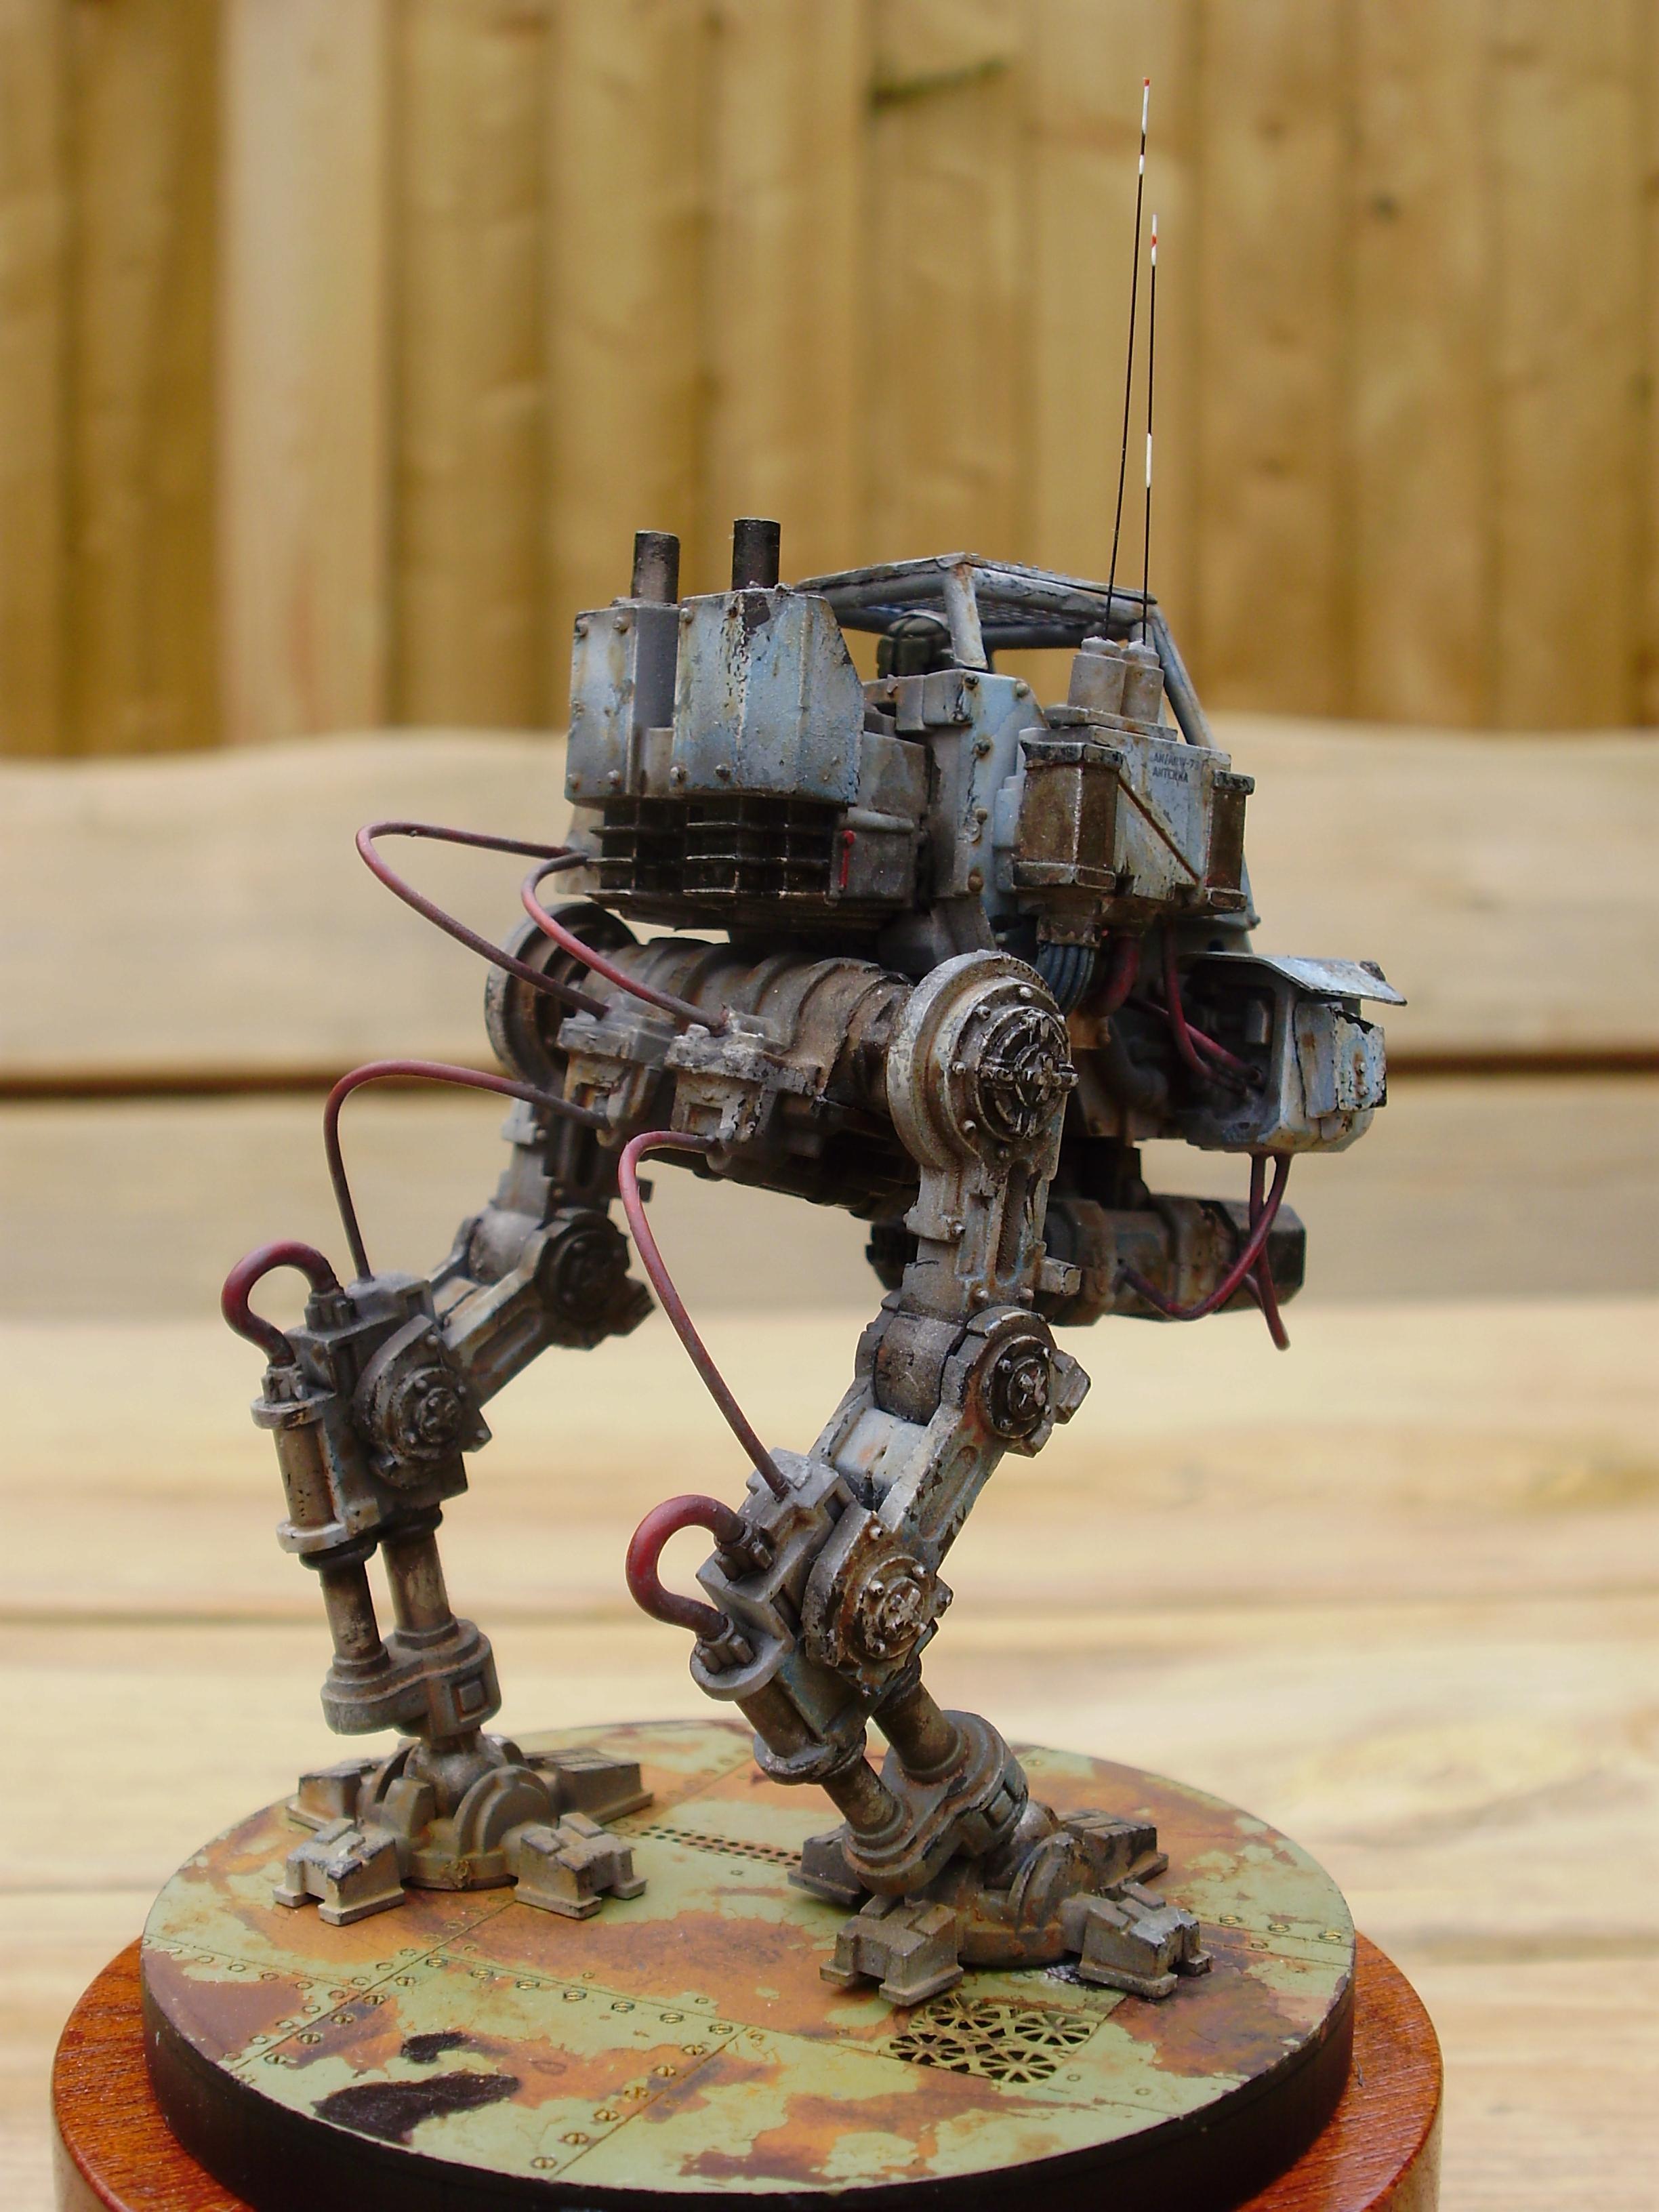 Battle Damage, Golden Demon, Rust, Sentinel, Warhammer 40,000